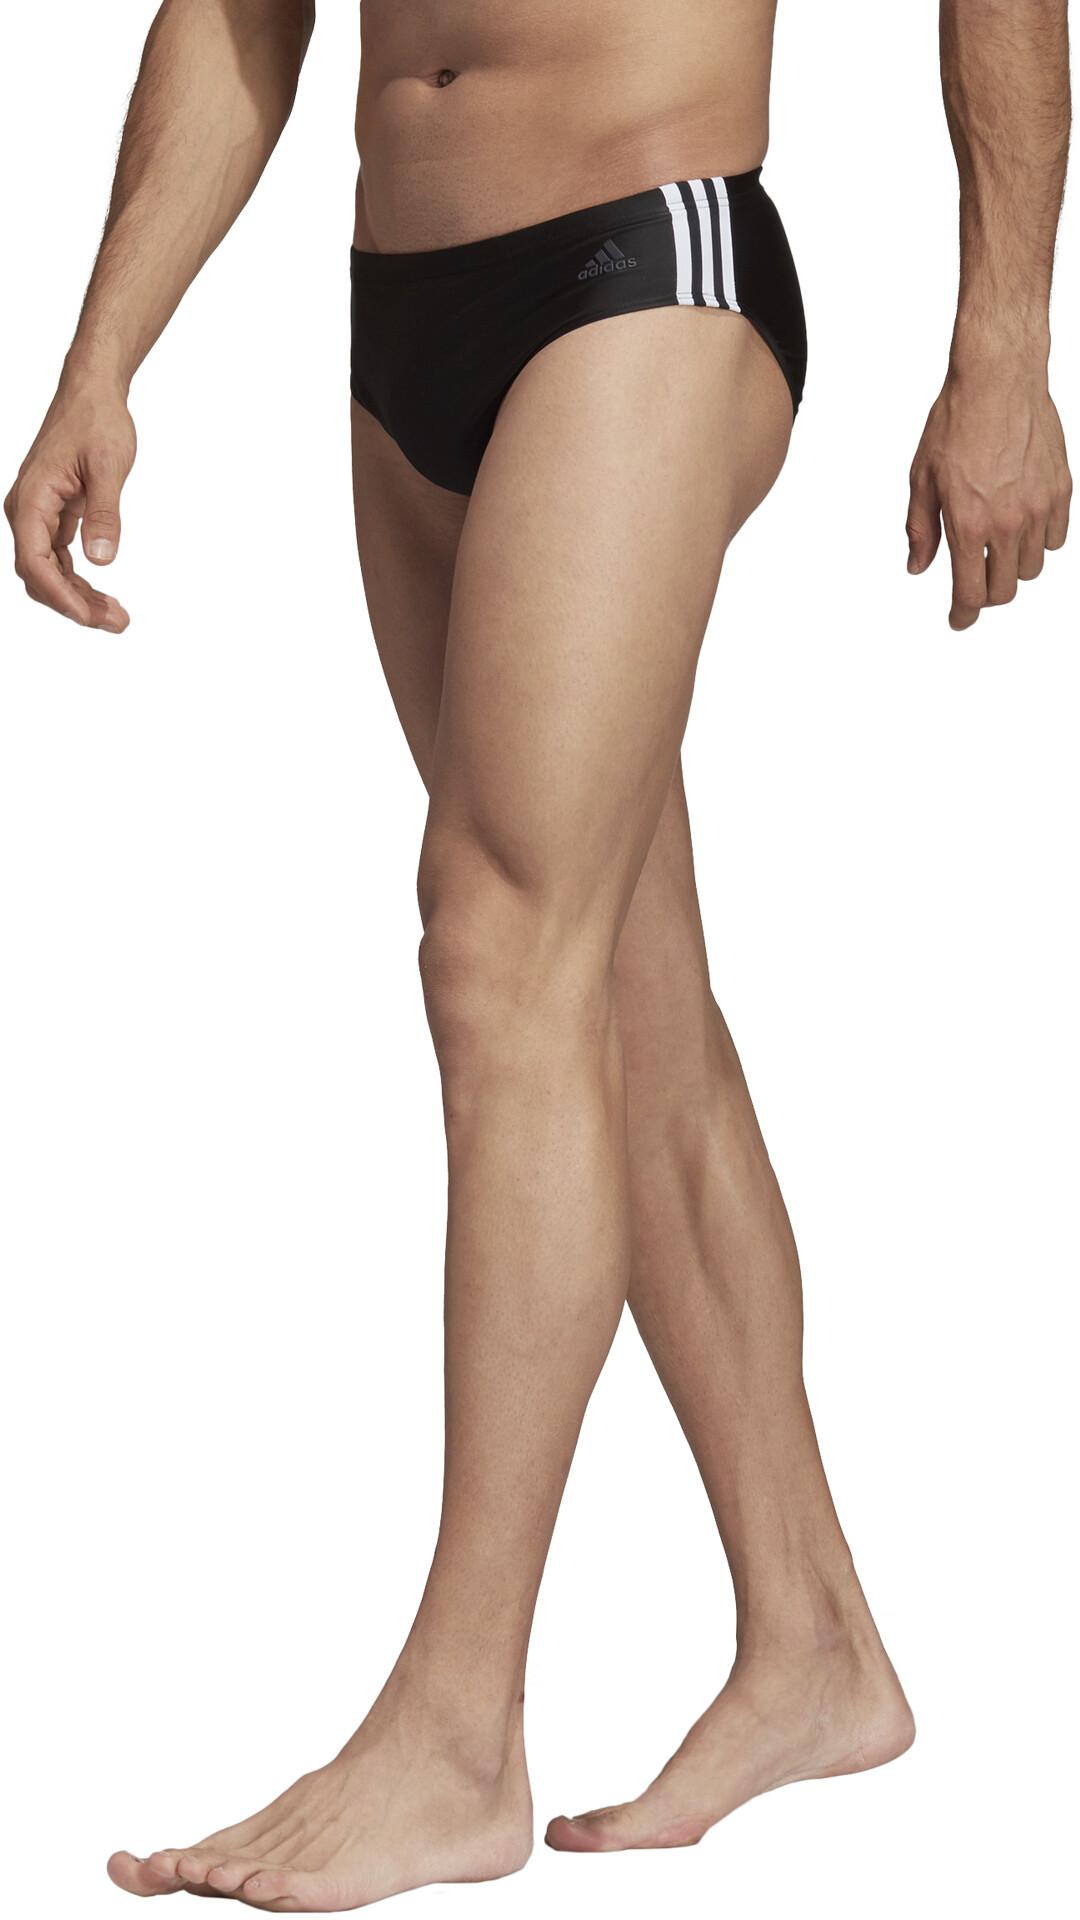 77f0807cf35f4 adidas Fit 3-Stripes - Maillot de bain Homme - noir - Boutique de ...